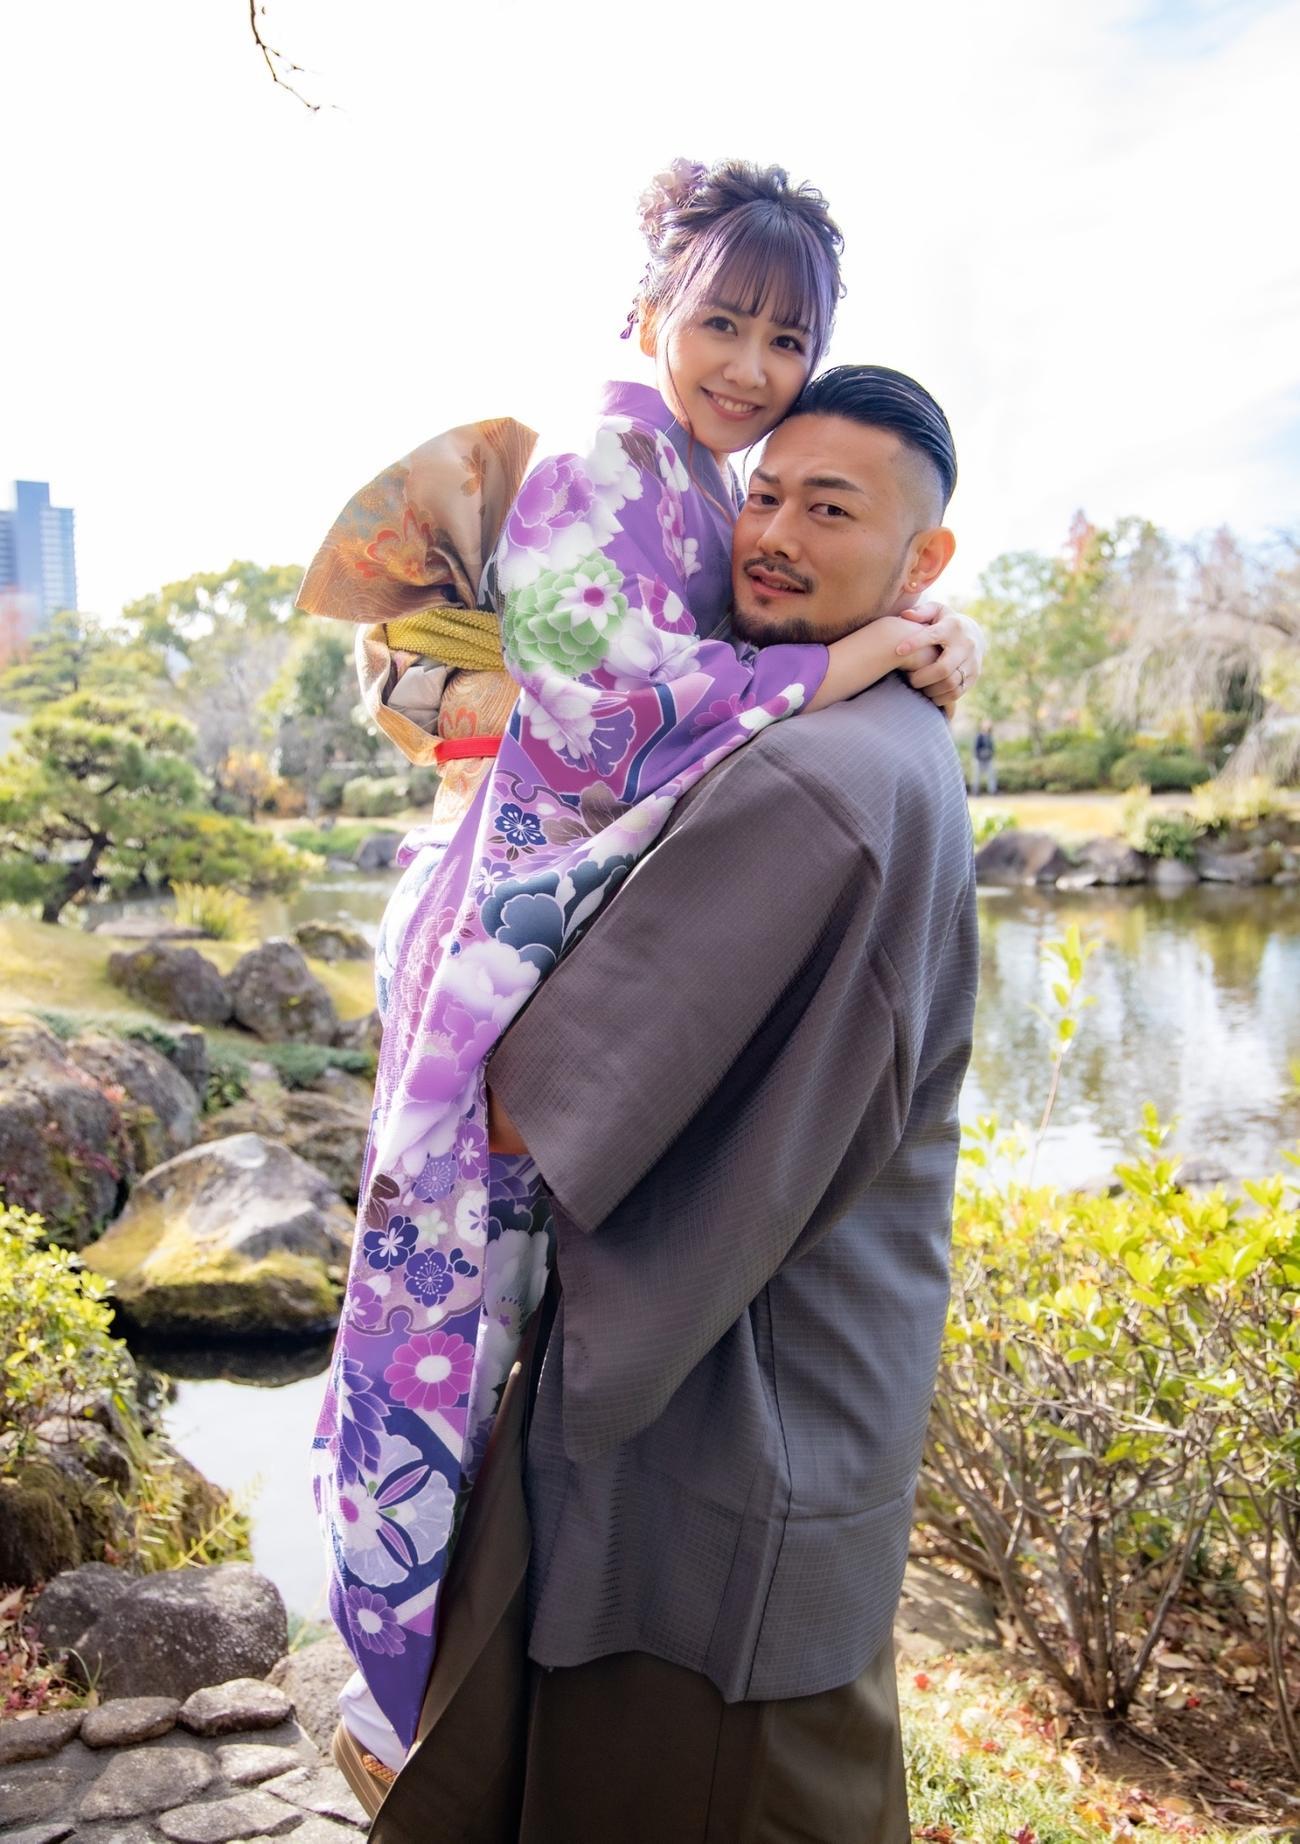 交際約4カ月でスピード結婚したK-1クルーザー級の愛鷹亮(右)と元AKB佐藤すみれ(本人提供)